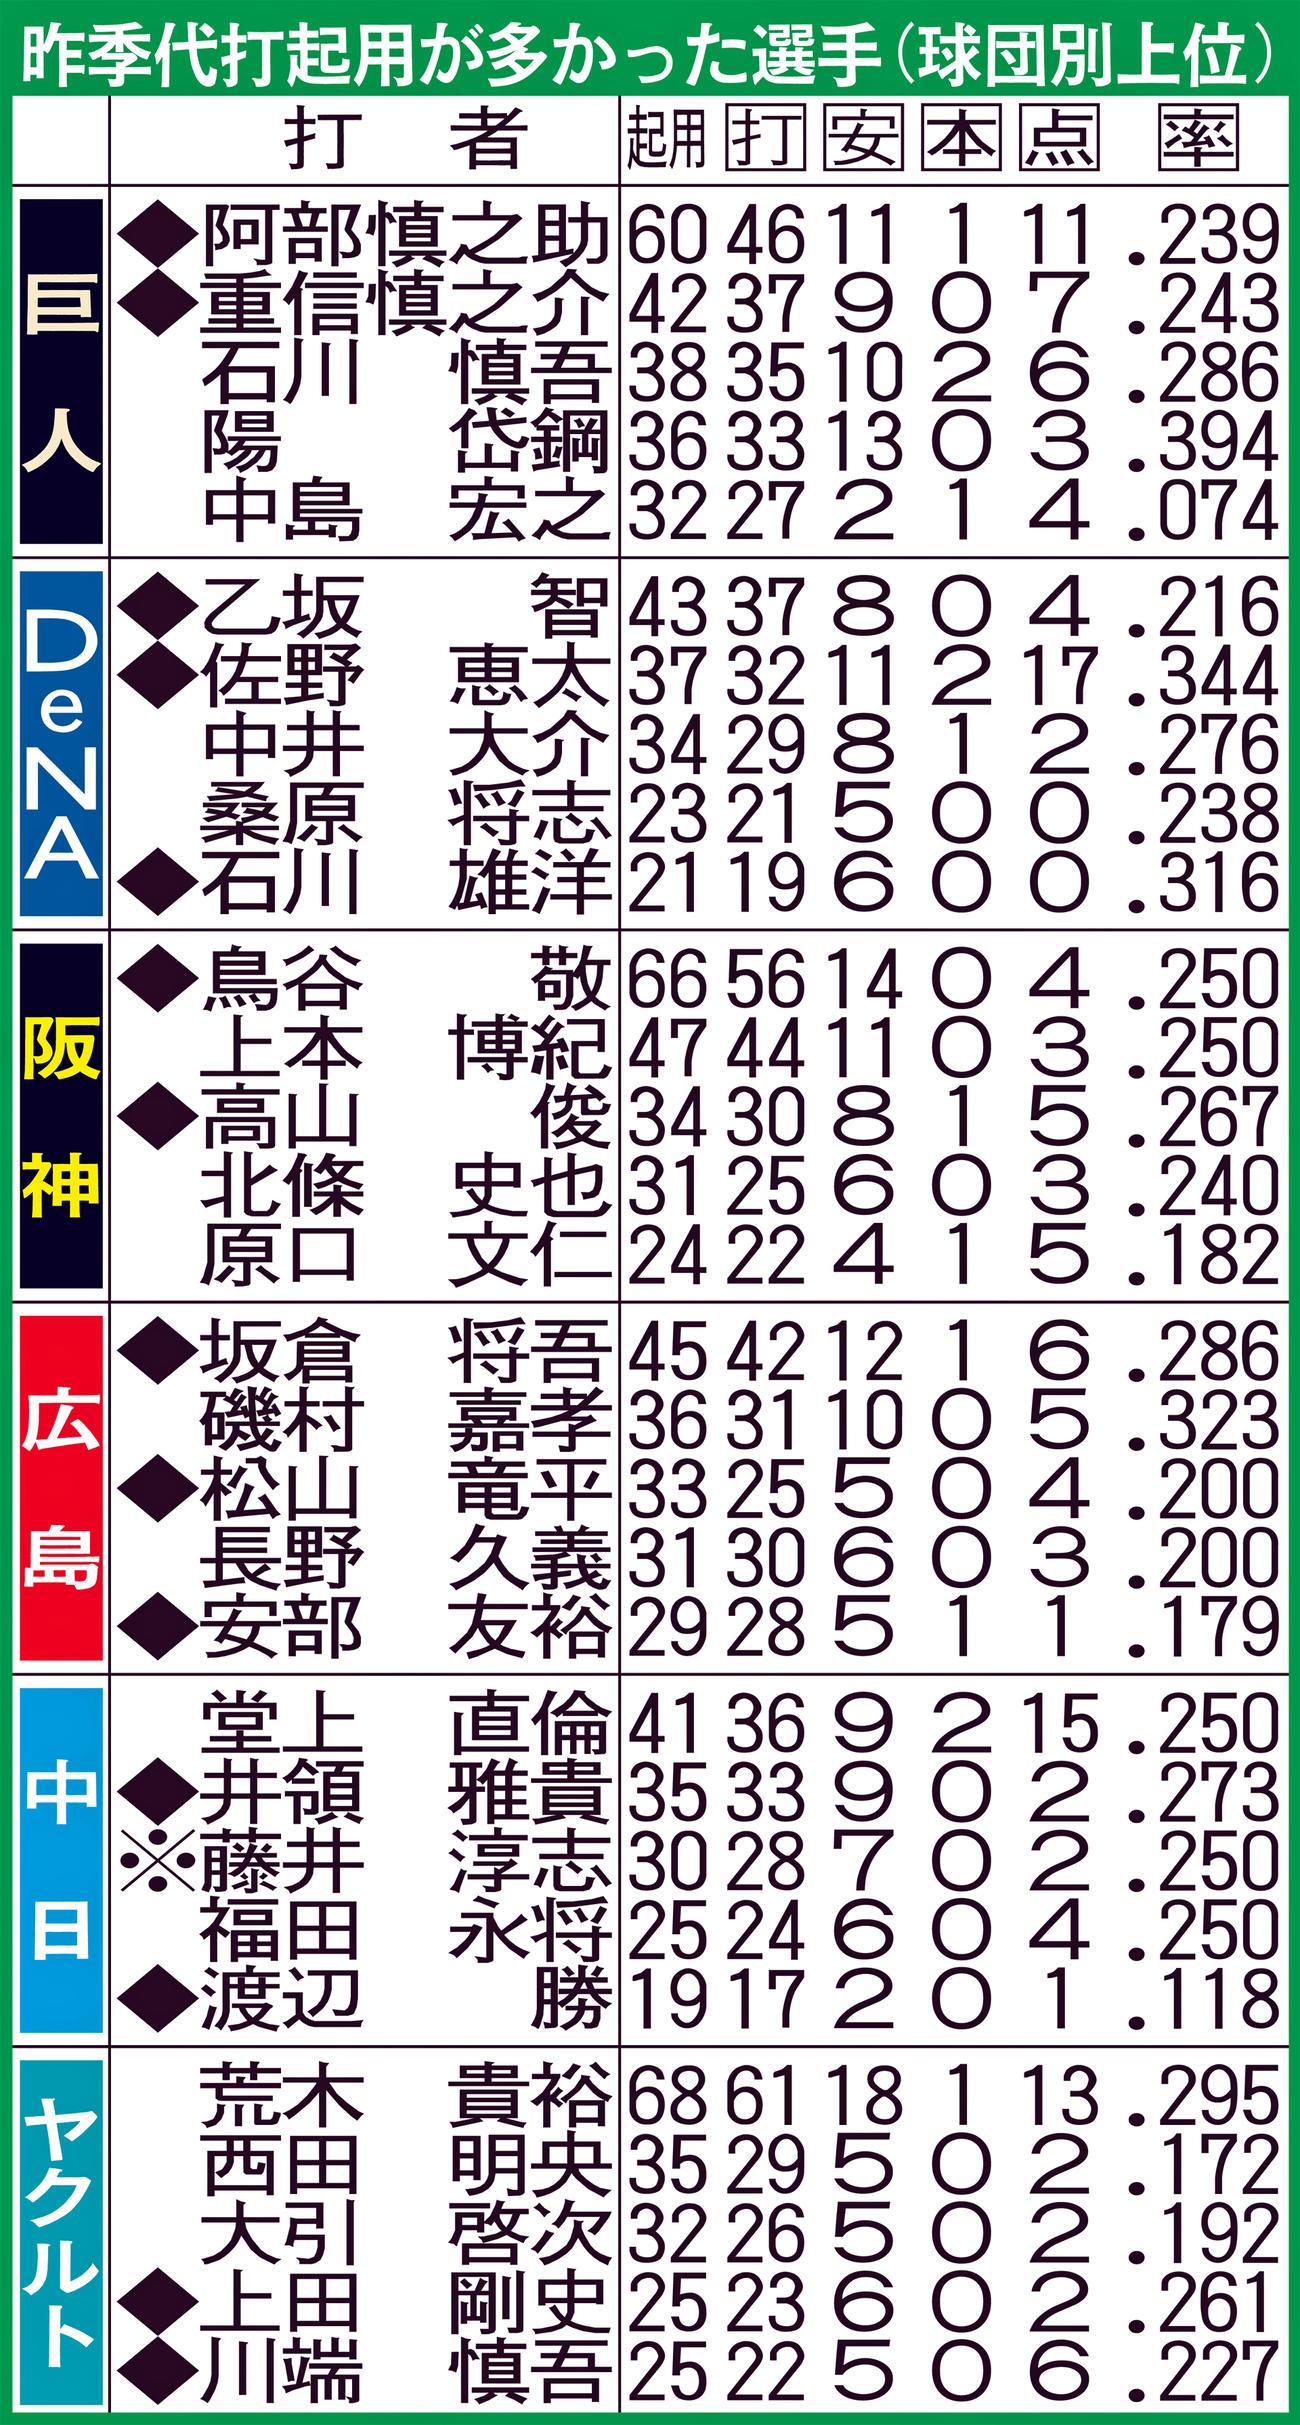 昨季代代起用が多かった選手(球団別上位)◆は左打ち、※は両打ち